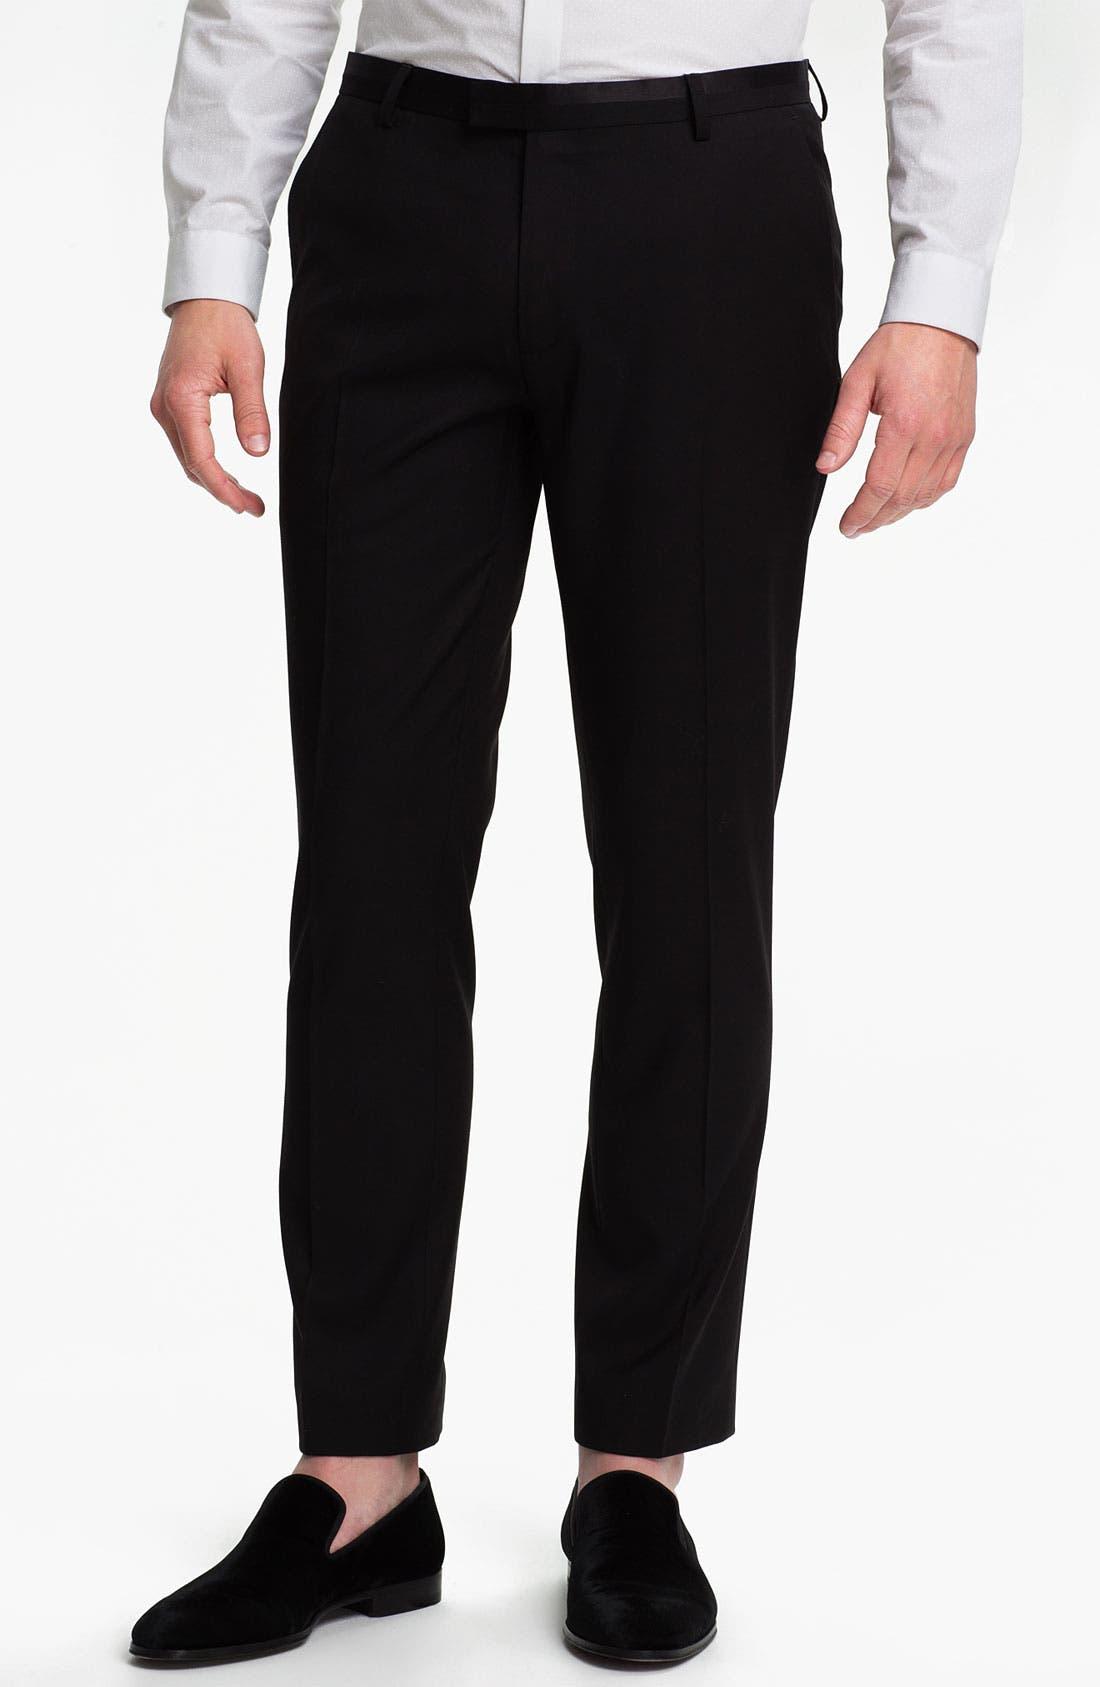 Alternate Image 1 Selected - Topman Black Satin Trim Trousers